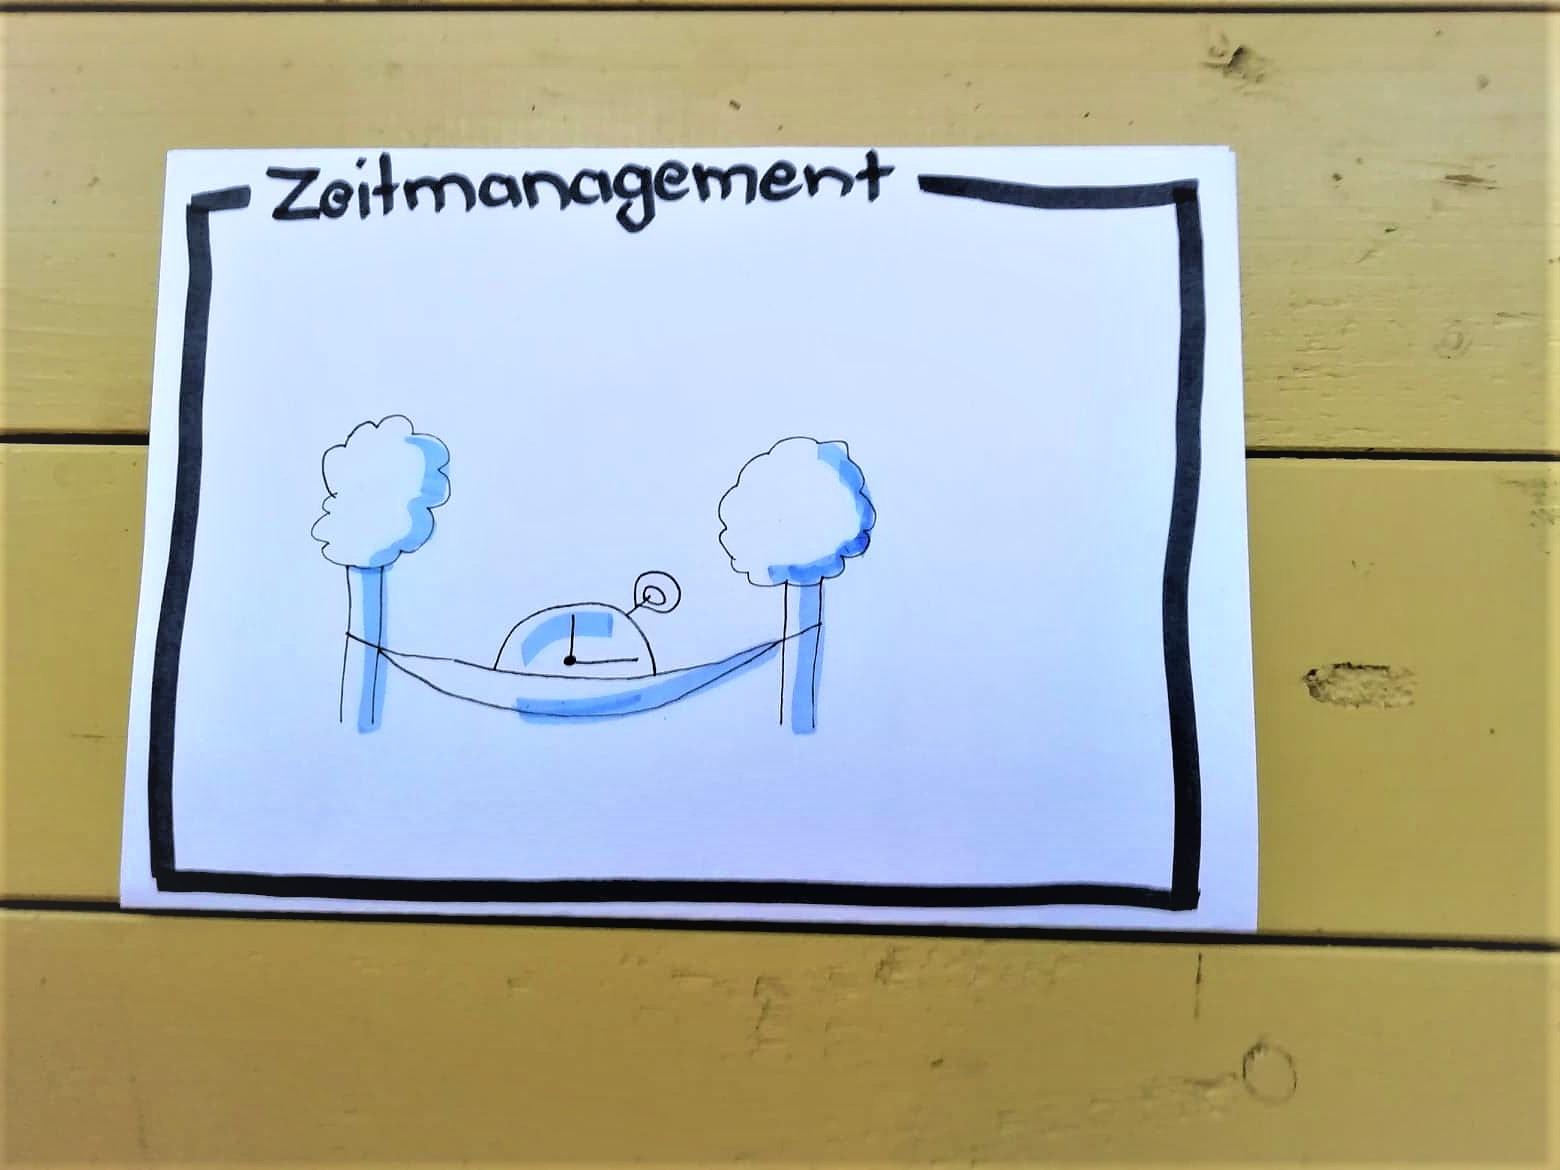 Best practices Zeitmanagement.jpg